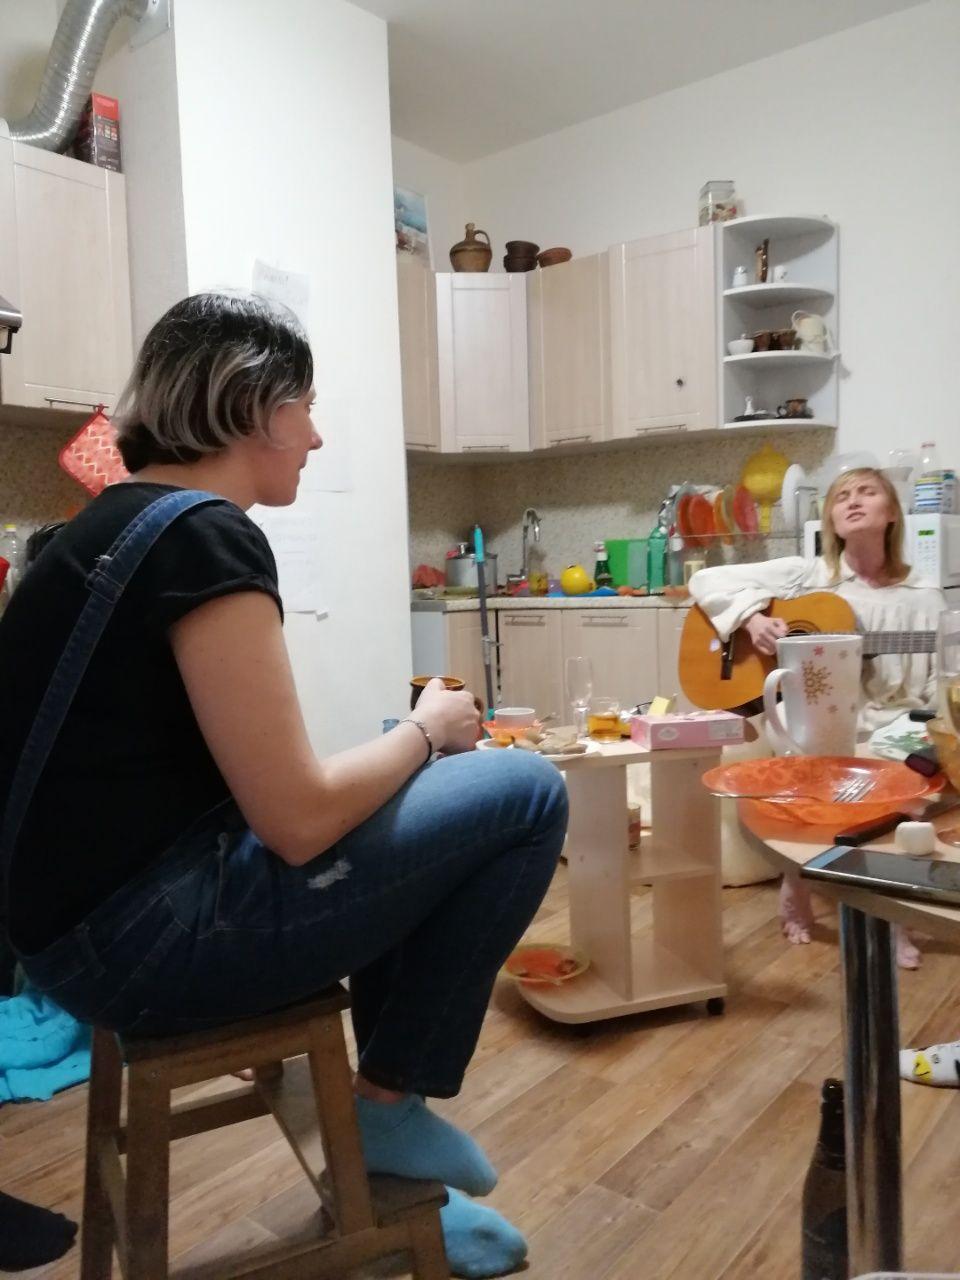 Мой день рождения с эльфами в северной столице, Санкт-Петербург, фото 37